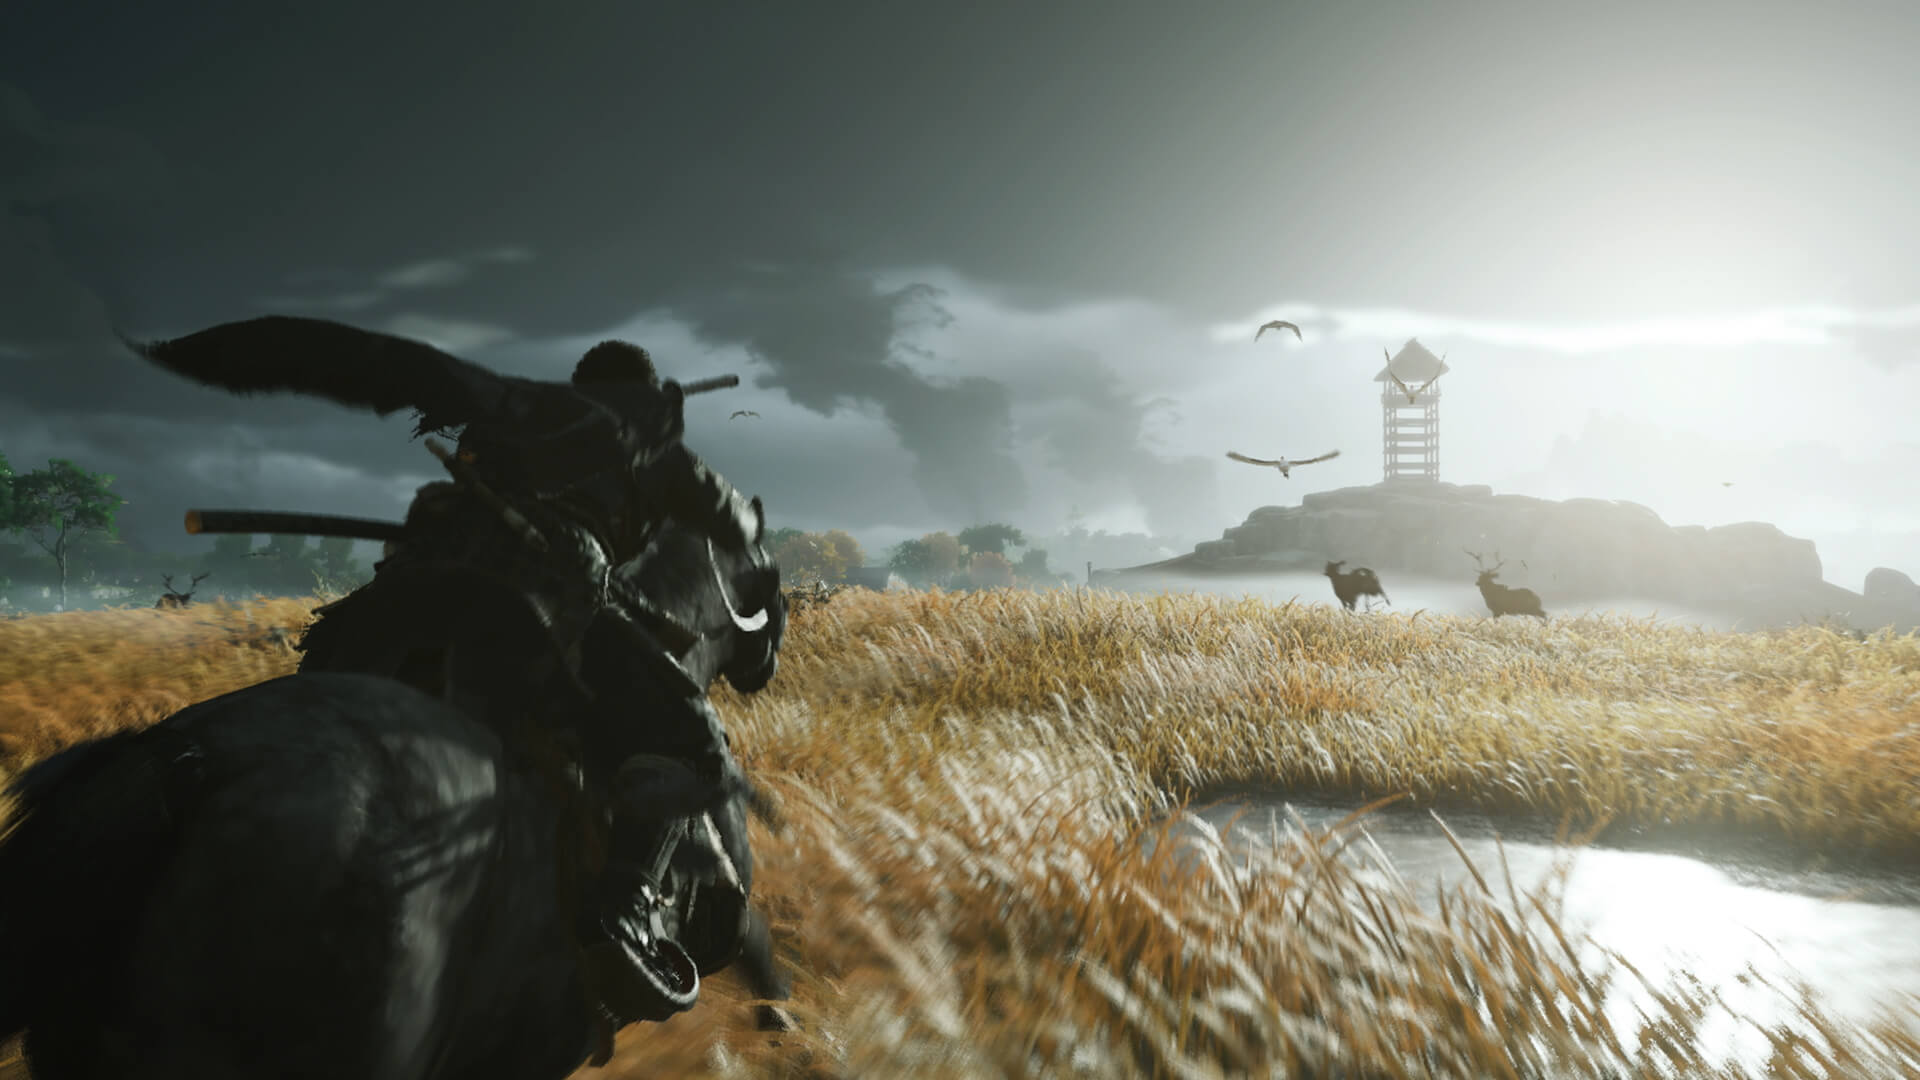 Filme Ghost Of Tsushima em desenvolvimento, dirigido pelo diretor de John Wick | Gaming Lab |